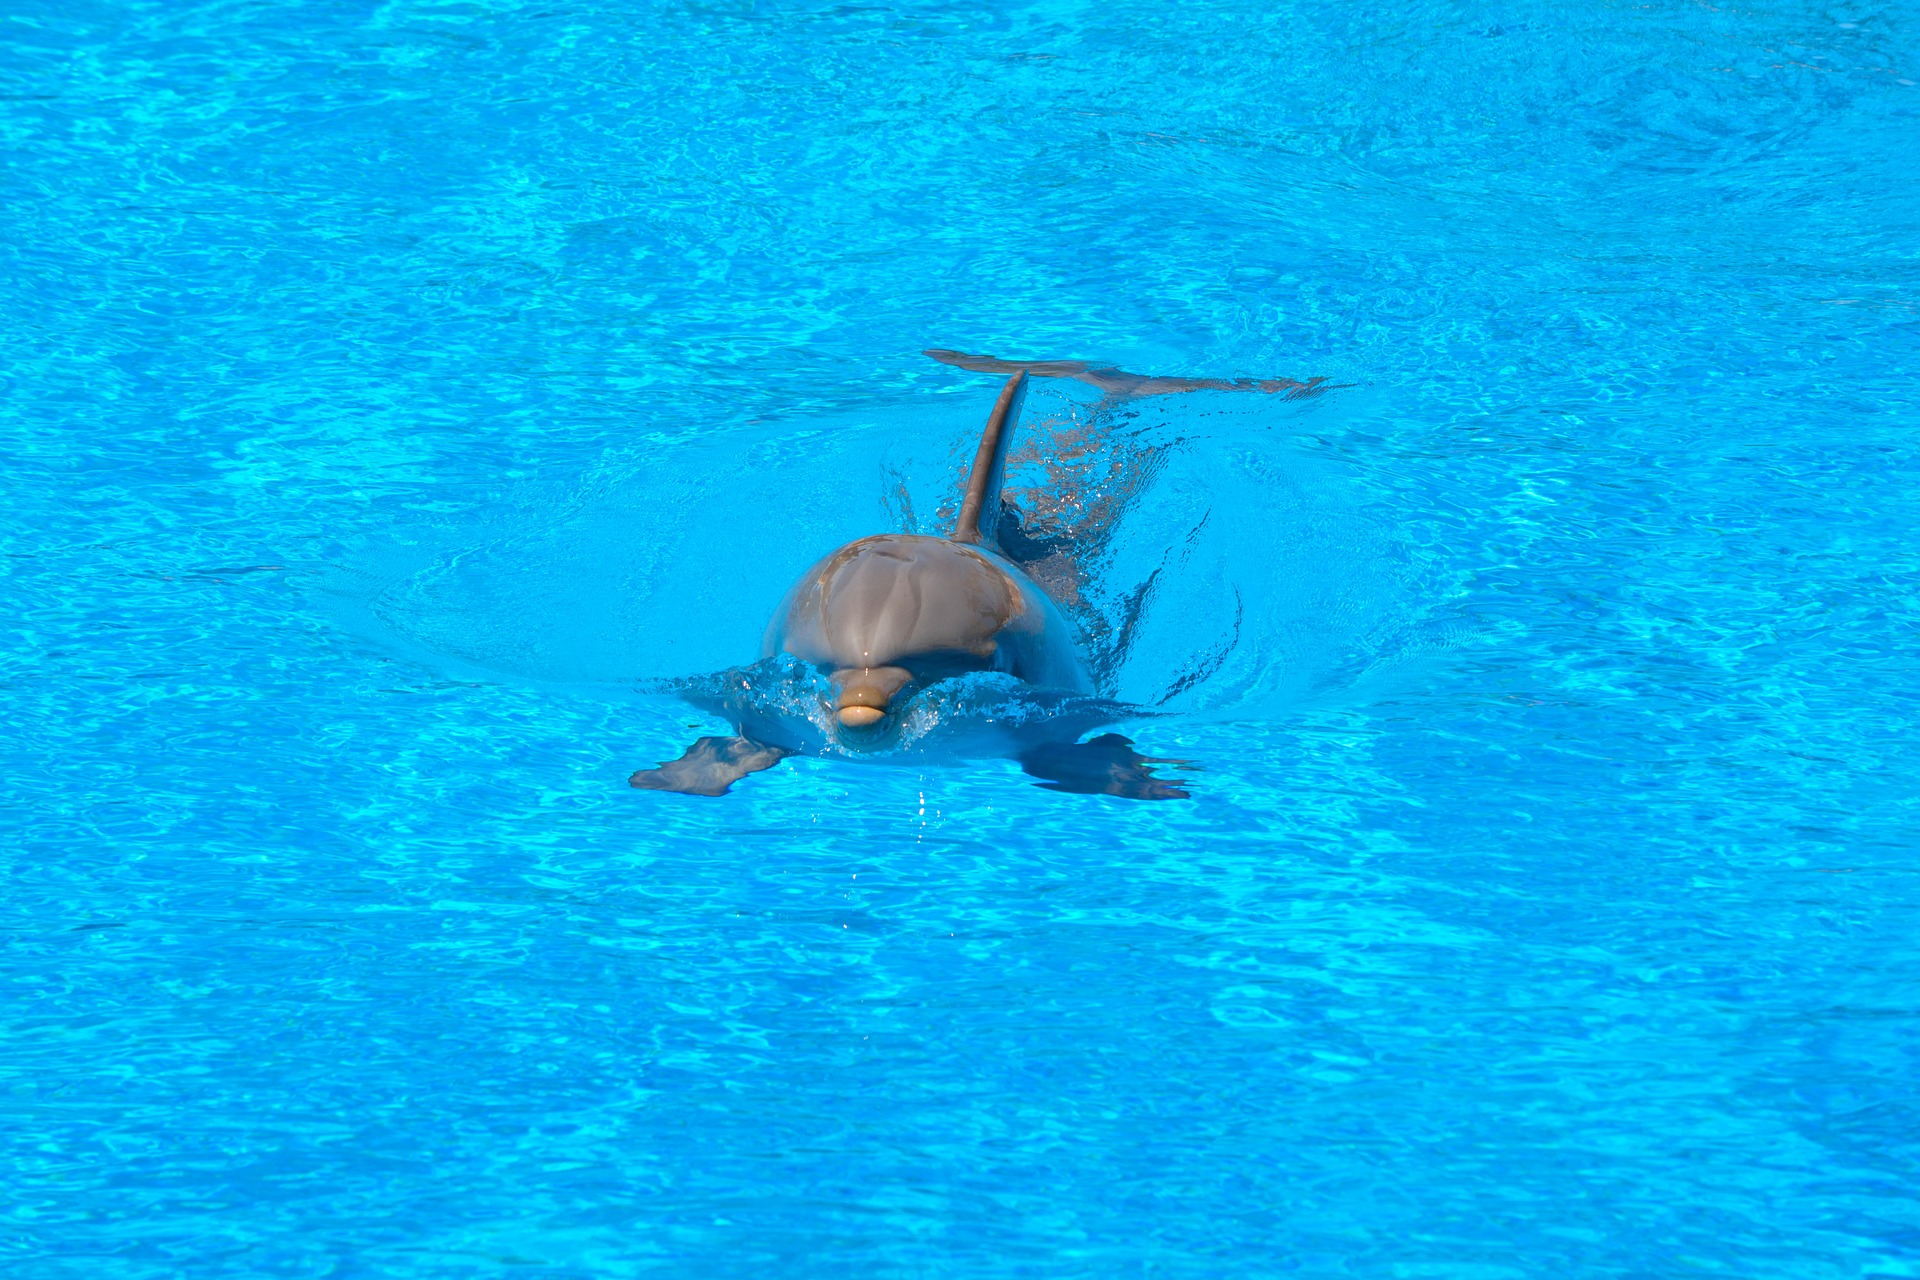 Дельфин, бассейн, воды, плавать, Синий - Обои HD - Профессор falken.com